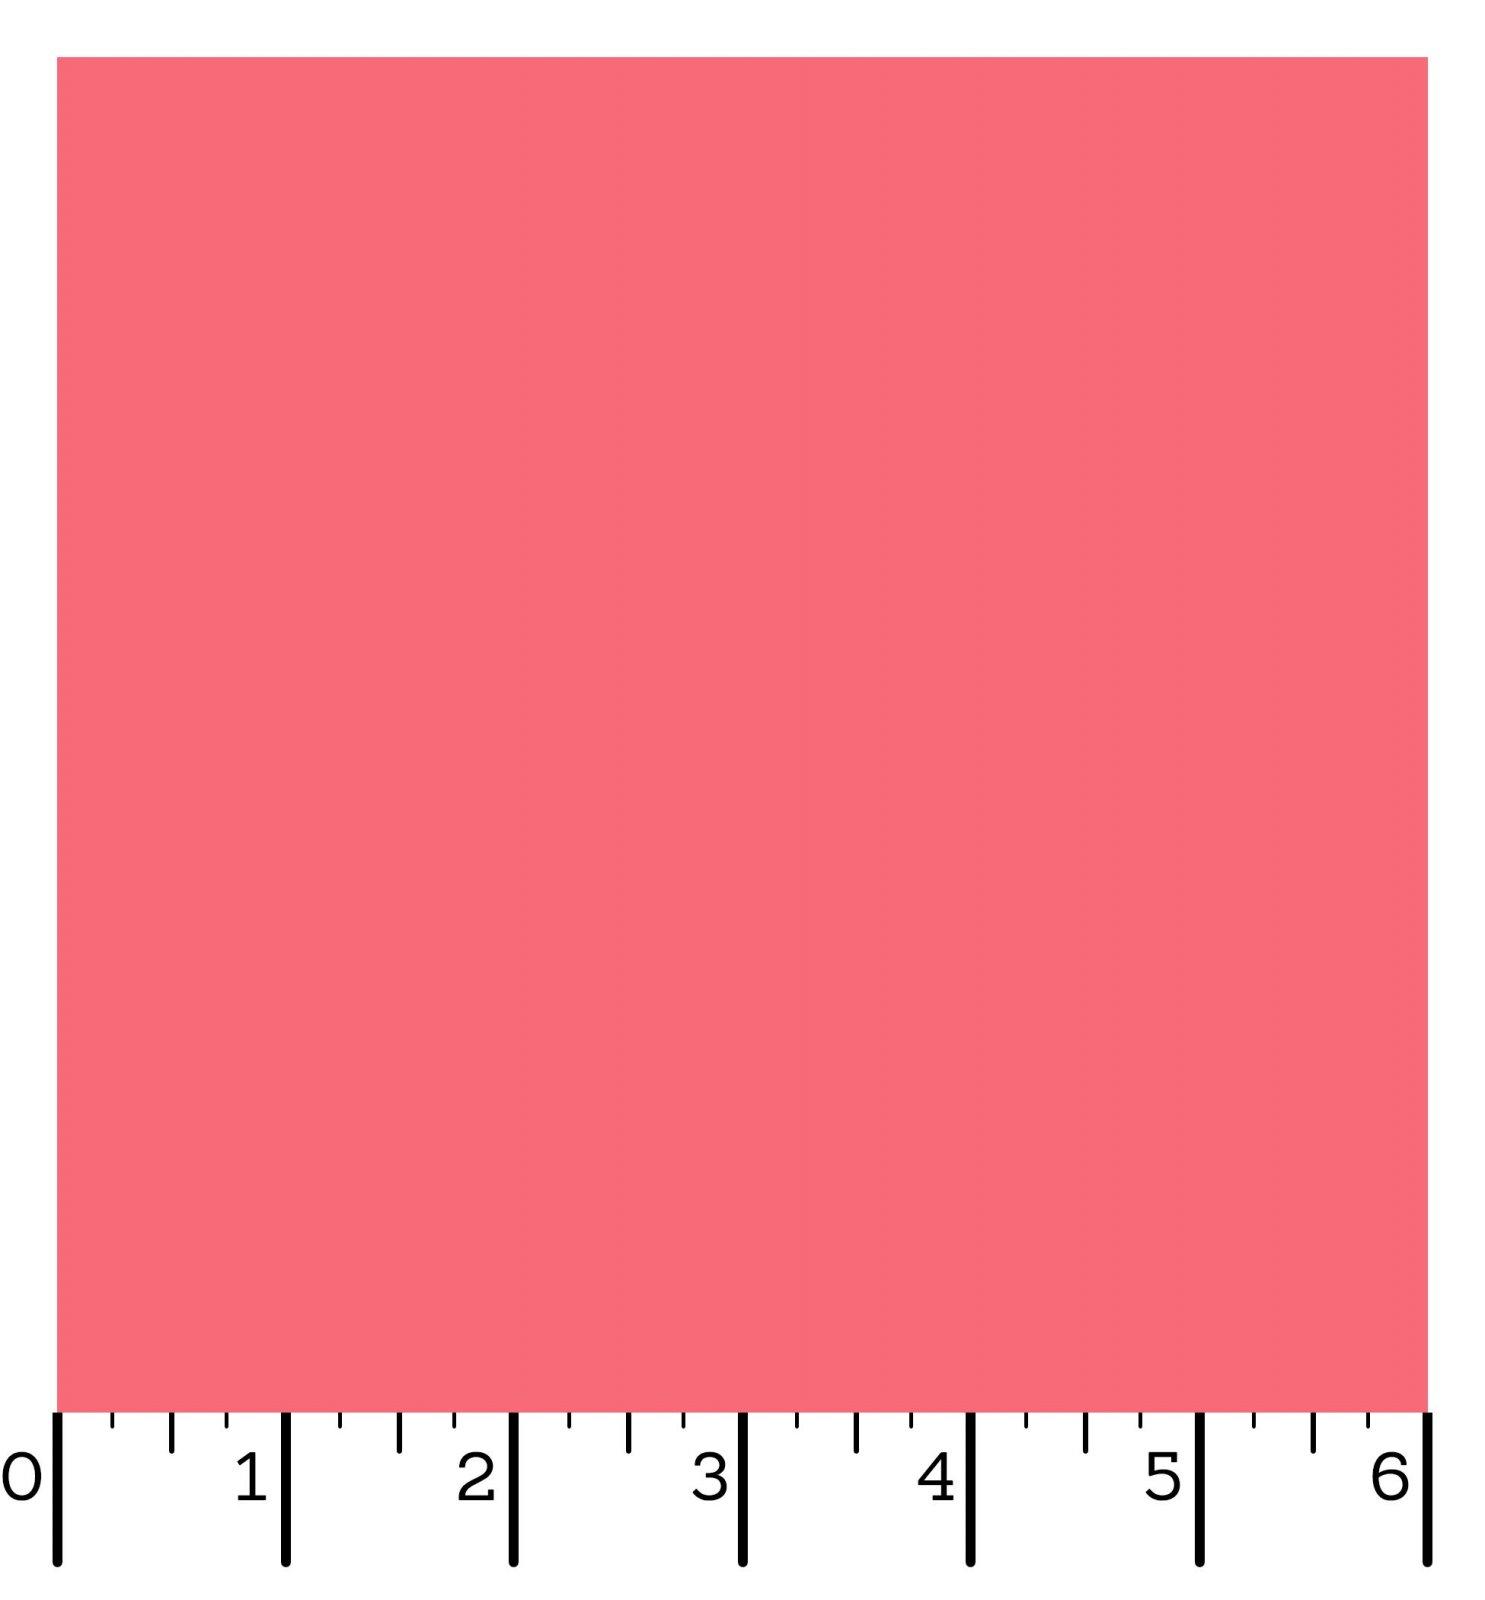 EESC-500 PIGR - KIMBERBELL SILKY SOLIDS PINK GRAPEFRUIT - ARRIVING IN JUNE 2021